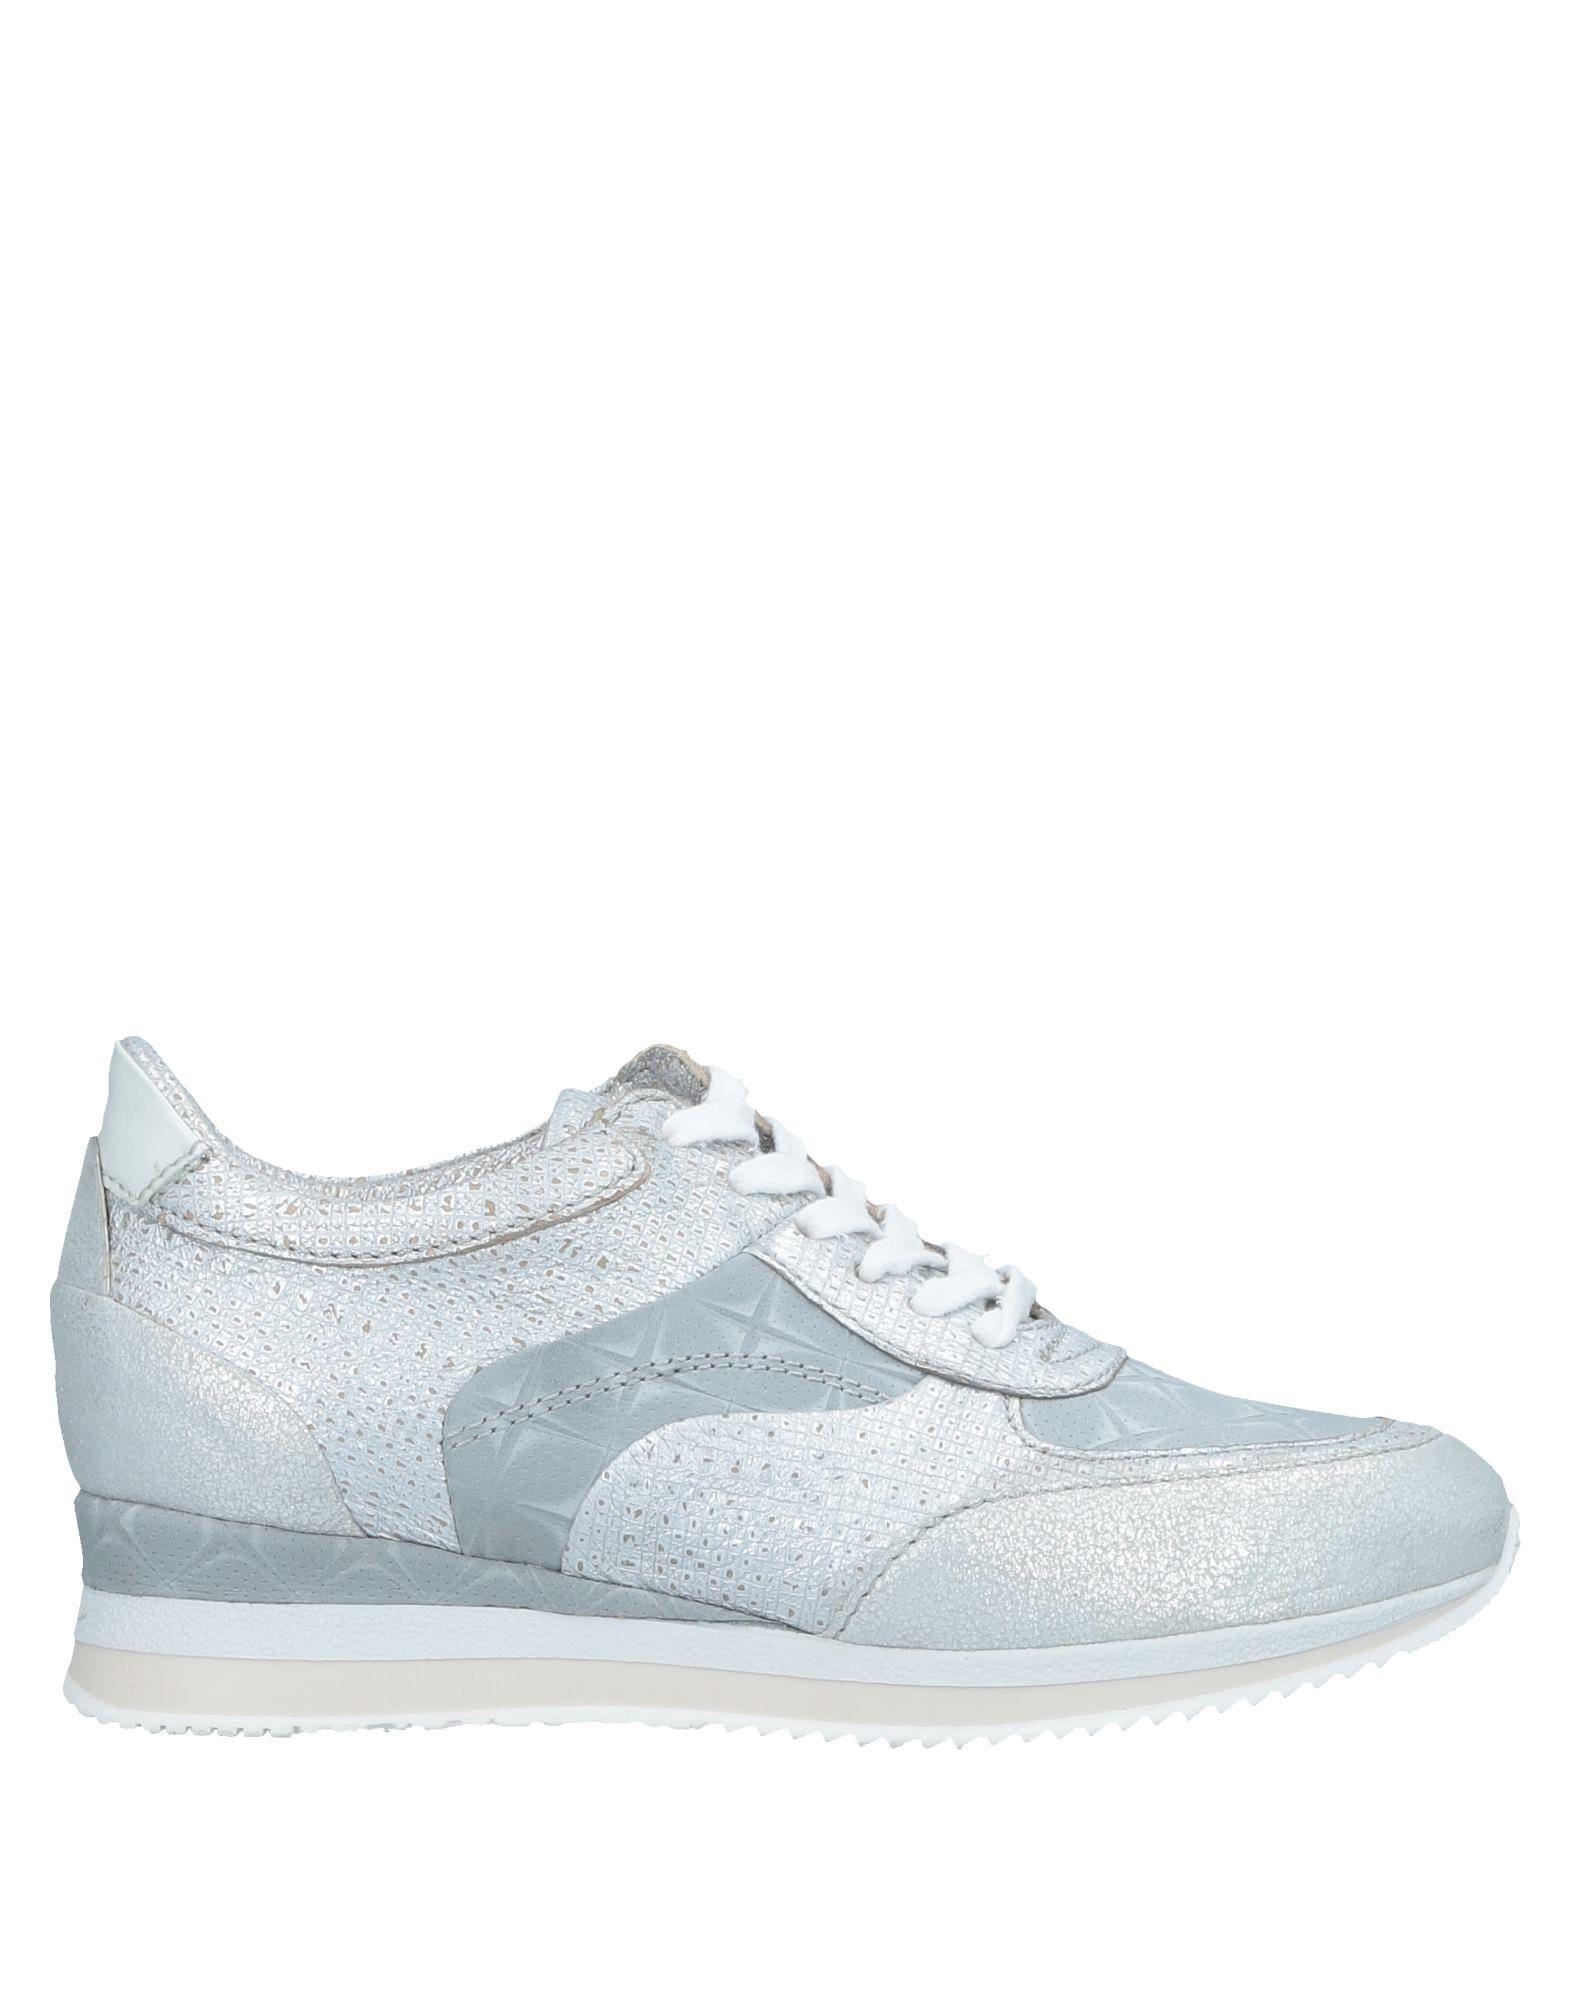 Baskets Mjus Femme - Baskets Mjus Gris clair Les chaussures les plus populaires pour les hommes et les femmes